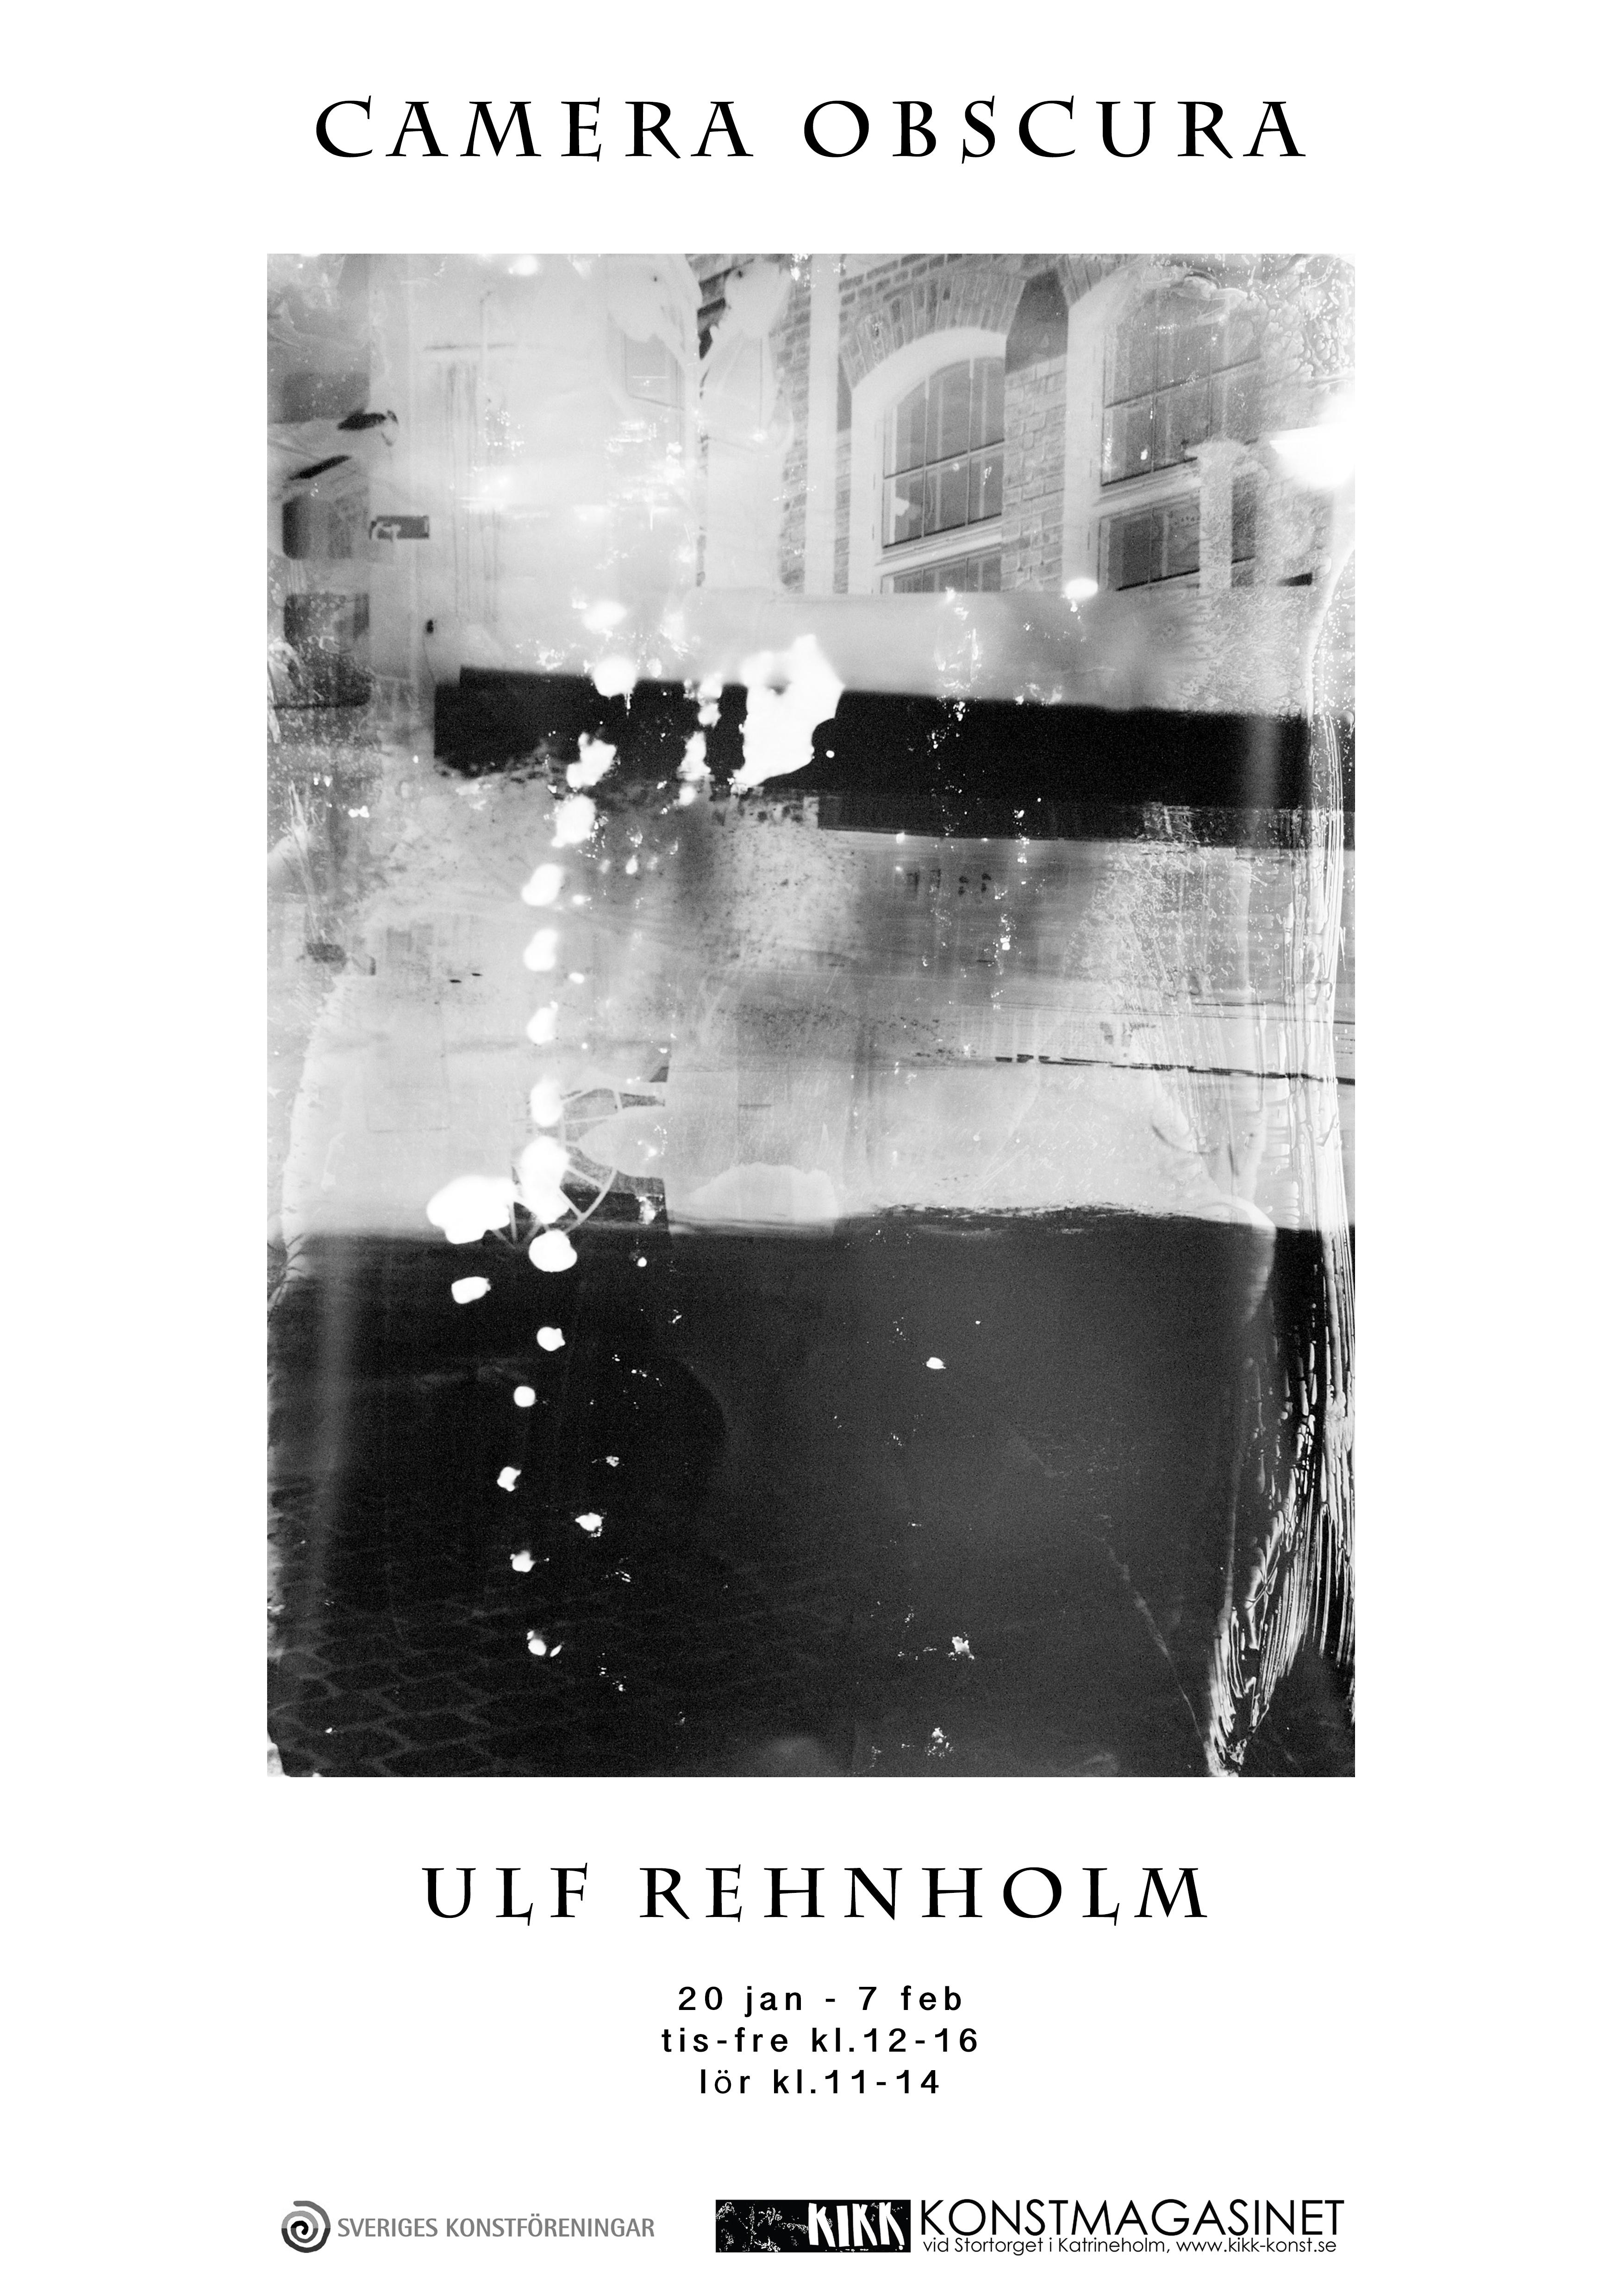 Ulf Rehnholm ställer ut på KIKK Konstmagasinet i Katrineholm med utställningen Camera Obscurra.